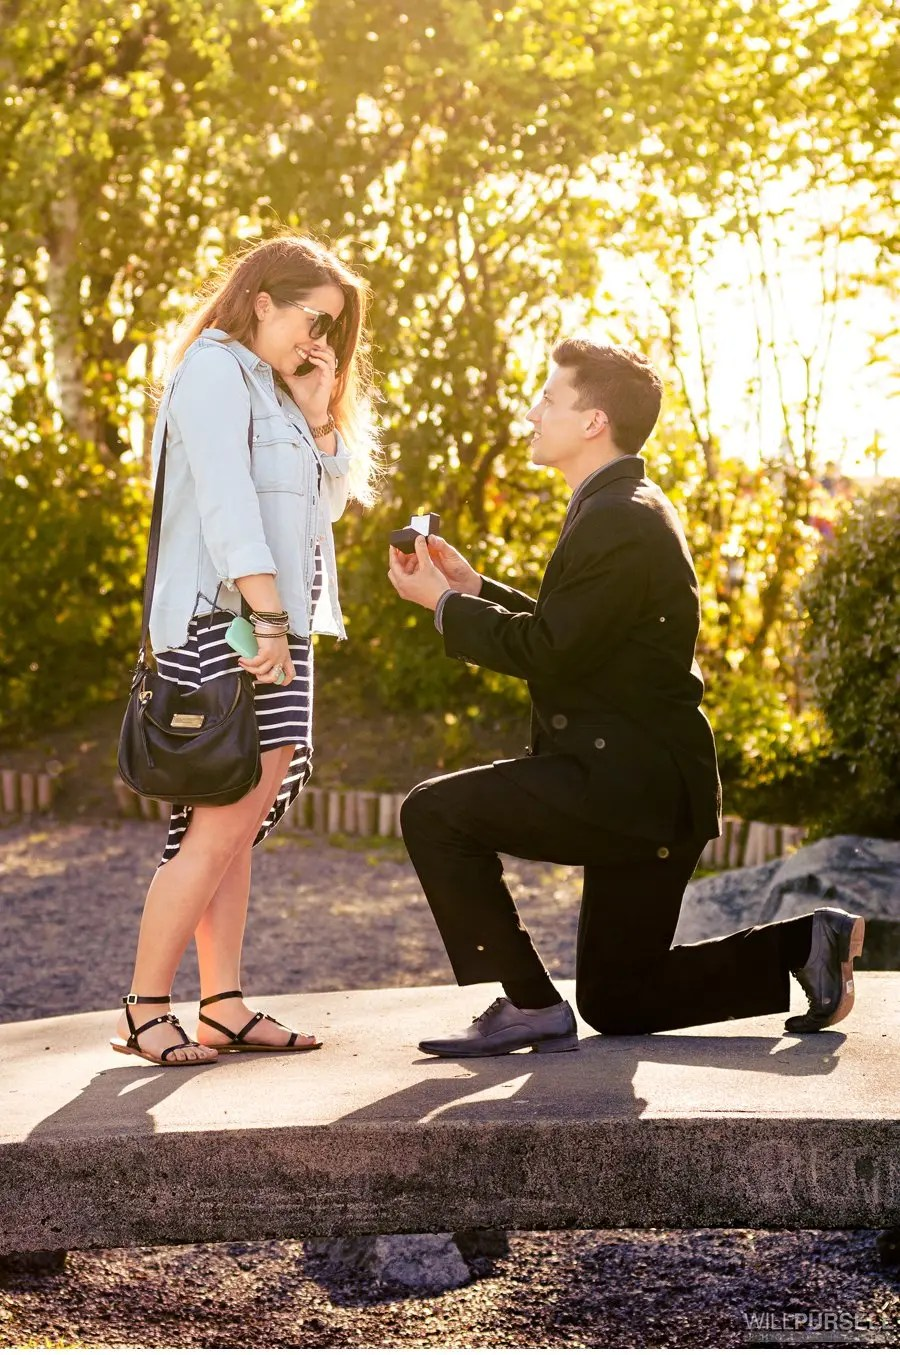 Surprise engagement proposal